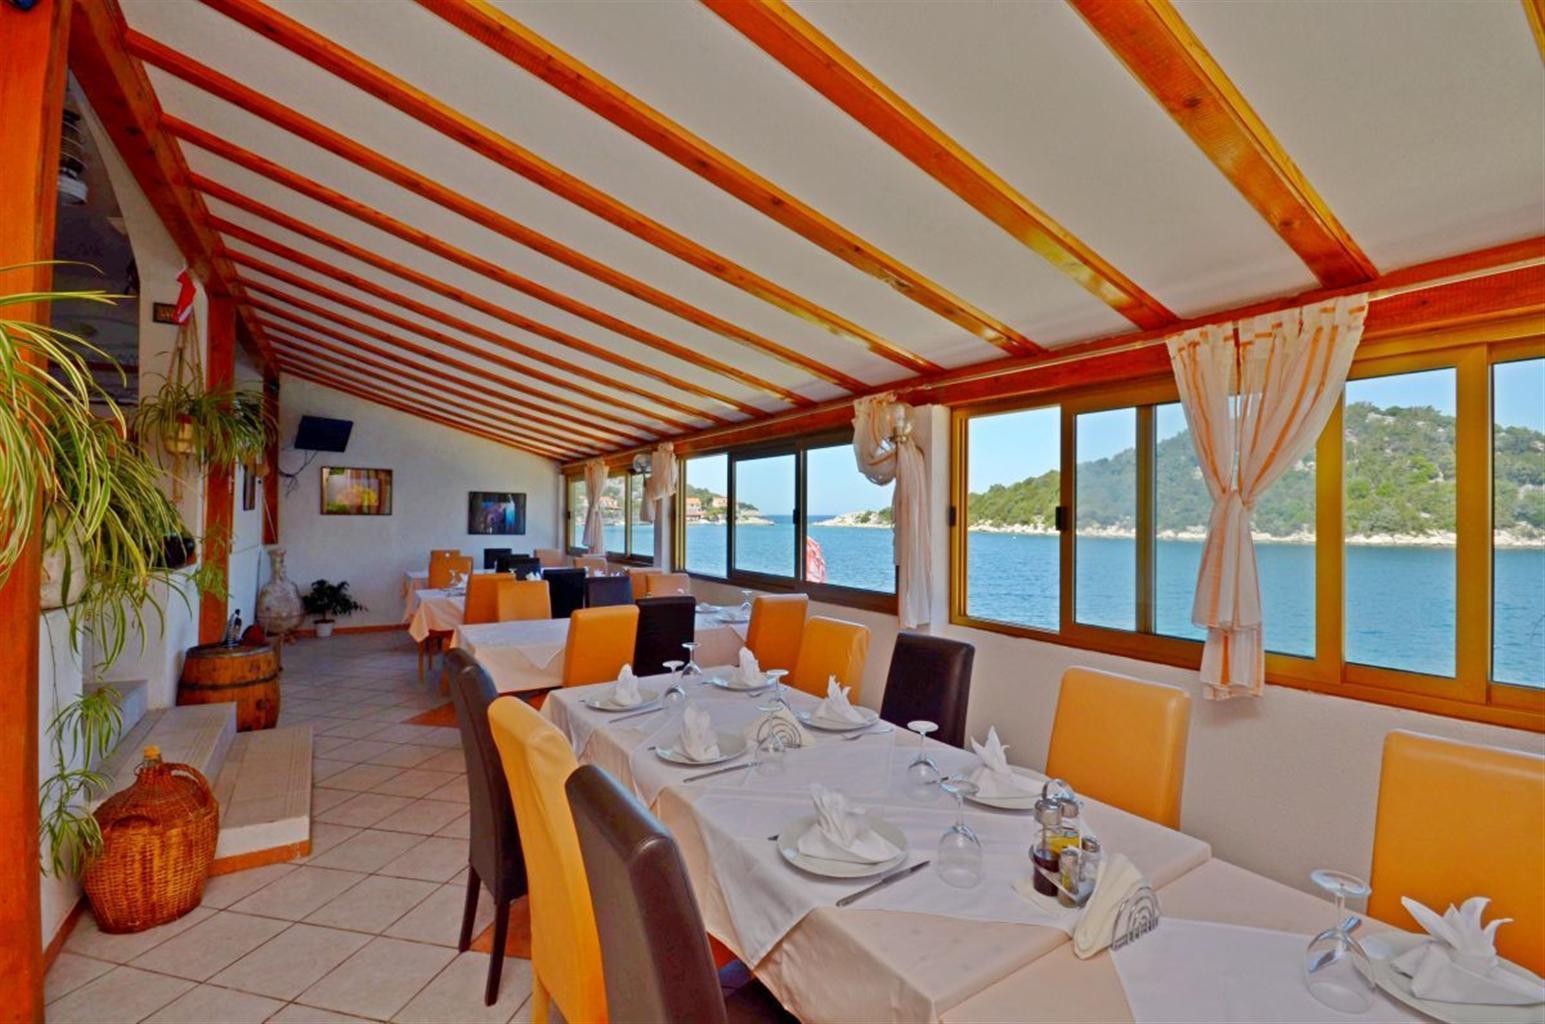 Ferienwohnung Ferienwohnungen und Zimmer Barbara 53781-A4 (1560905), Lastovo, Insel Lastovo, Dalmatien, Kroatien, Bild 9